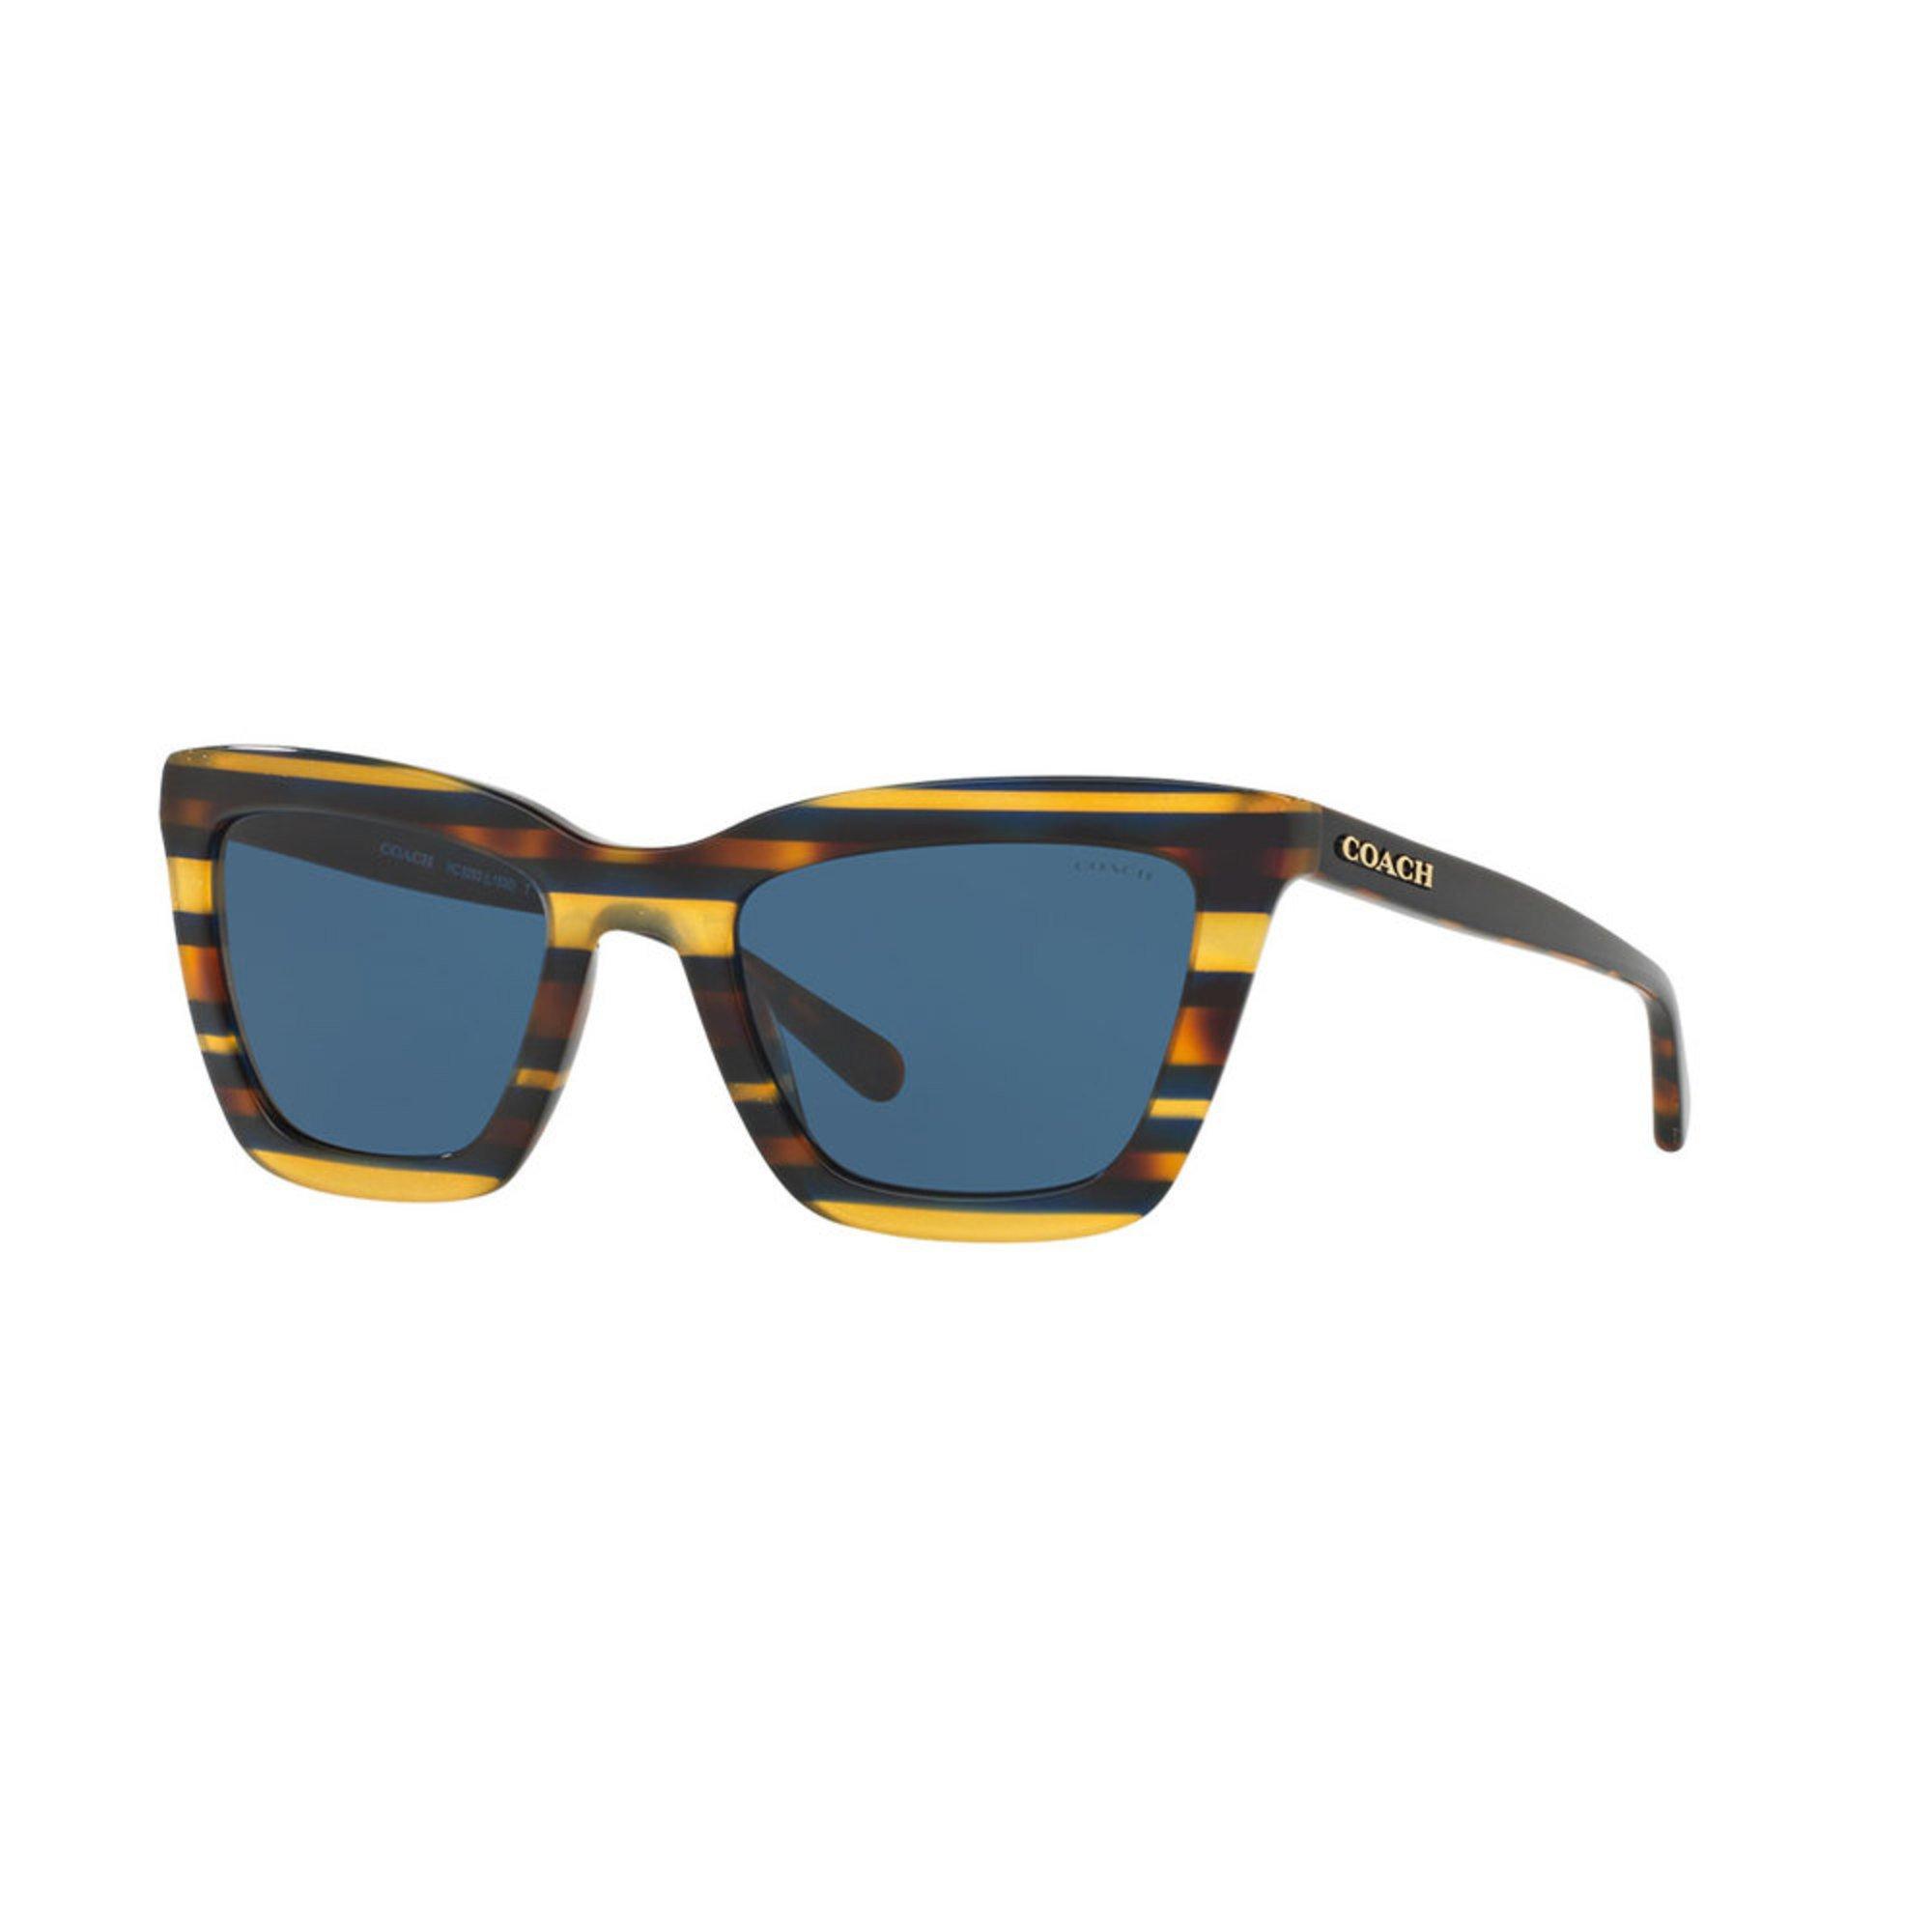 169b37260e6c Coach Women s Square Sunglasses